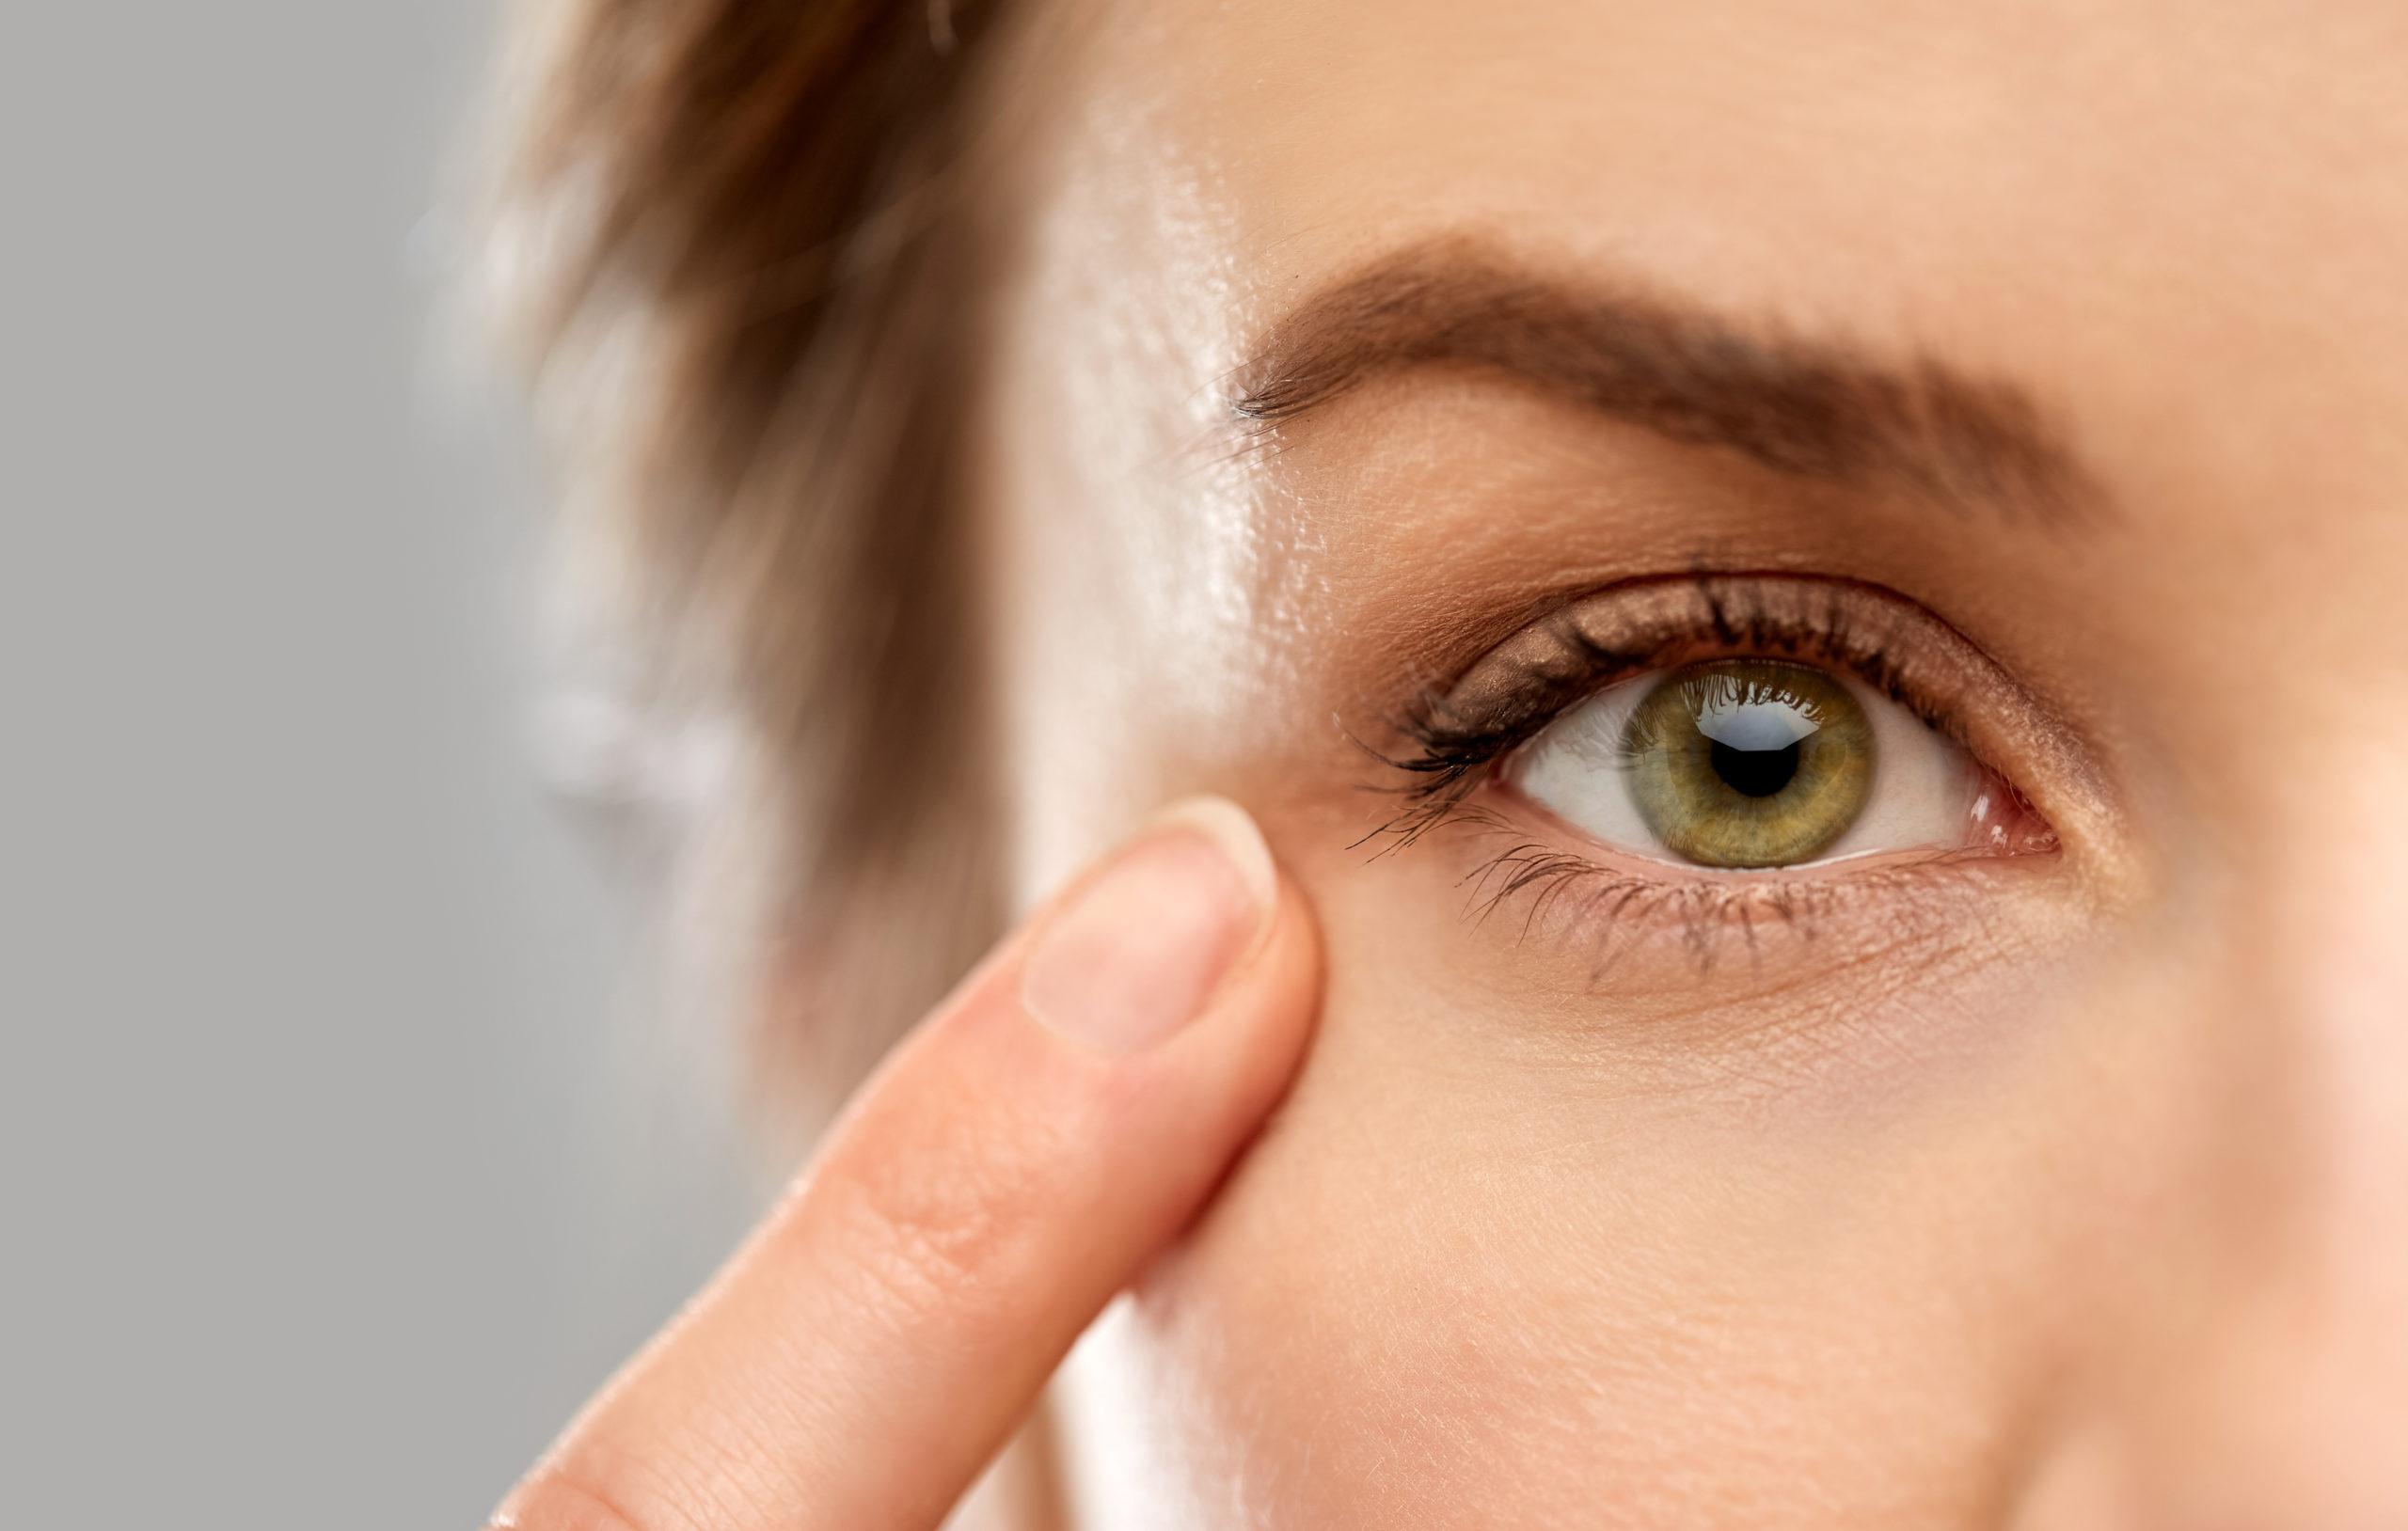 ما أسباب تدلي جفن العين - أسباب ترهل جفن العين - لماذا قد تتتدلى جفون العينين - لماذا قد يتدلى الجلد فوق الجفن - ضعف العضلة الرافعة للجفن